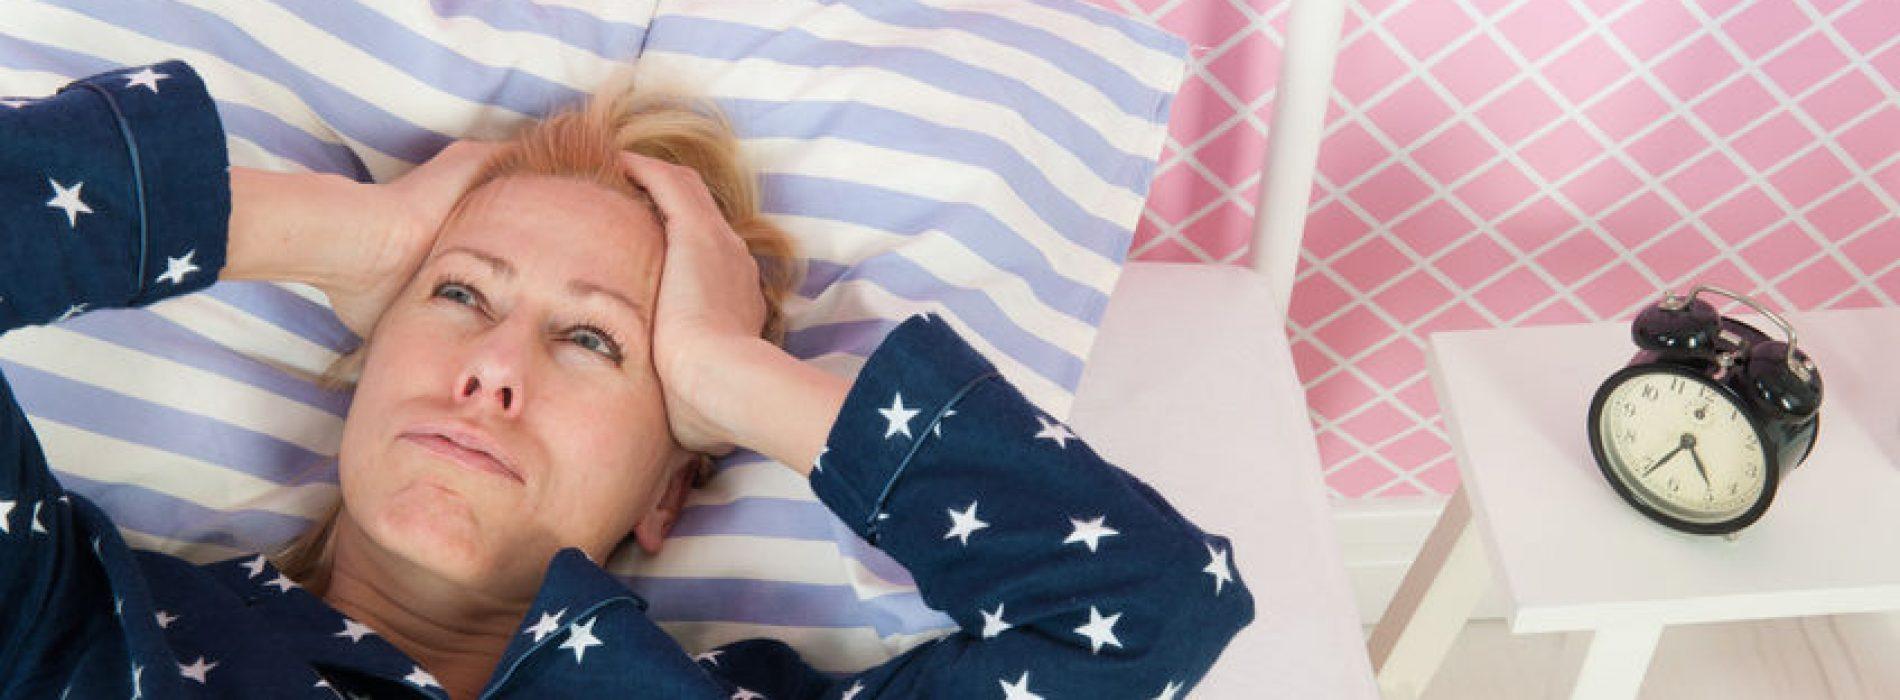 Jakość snu, a terapia w ADHD